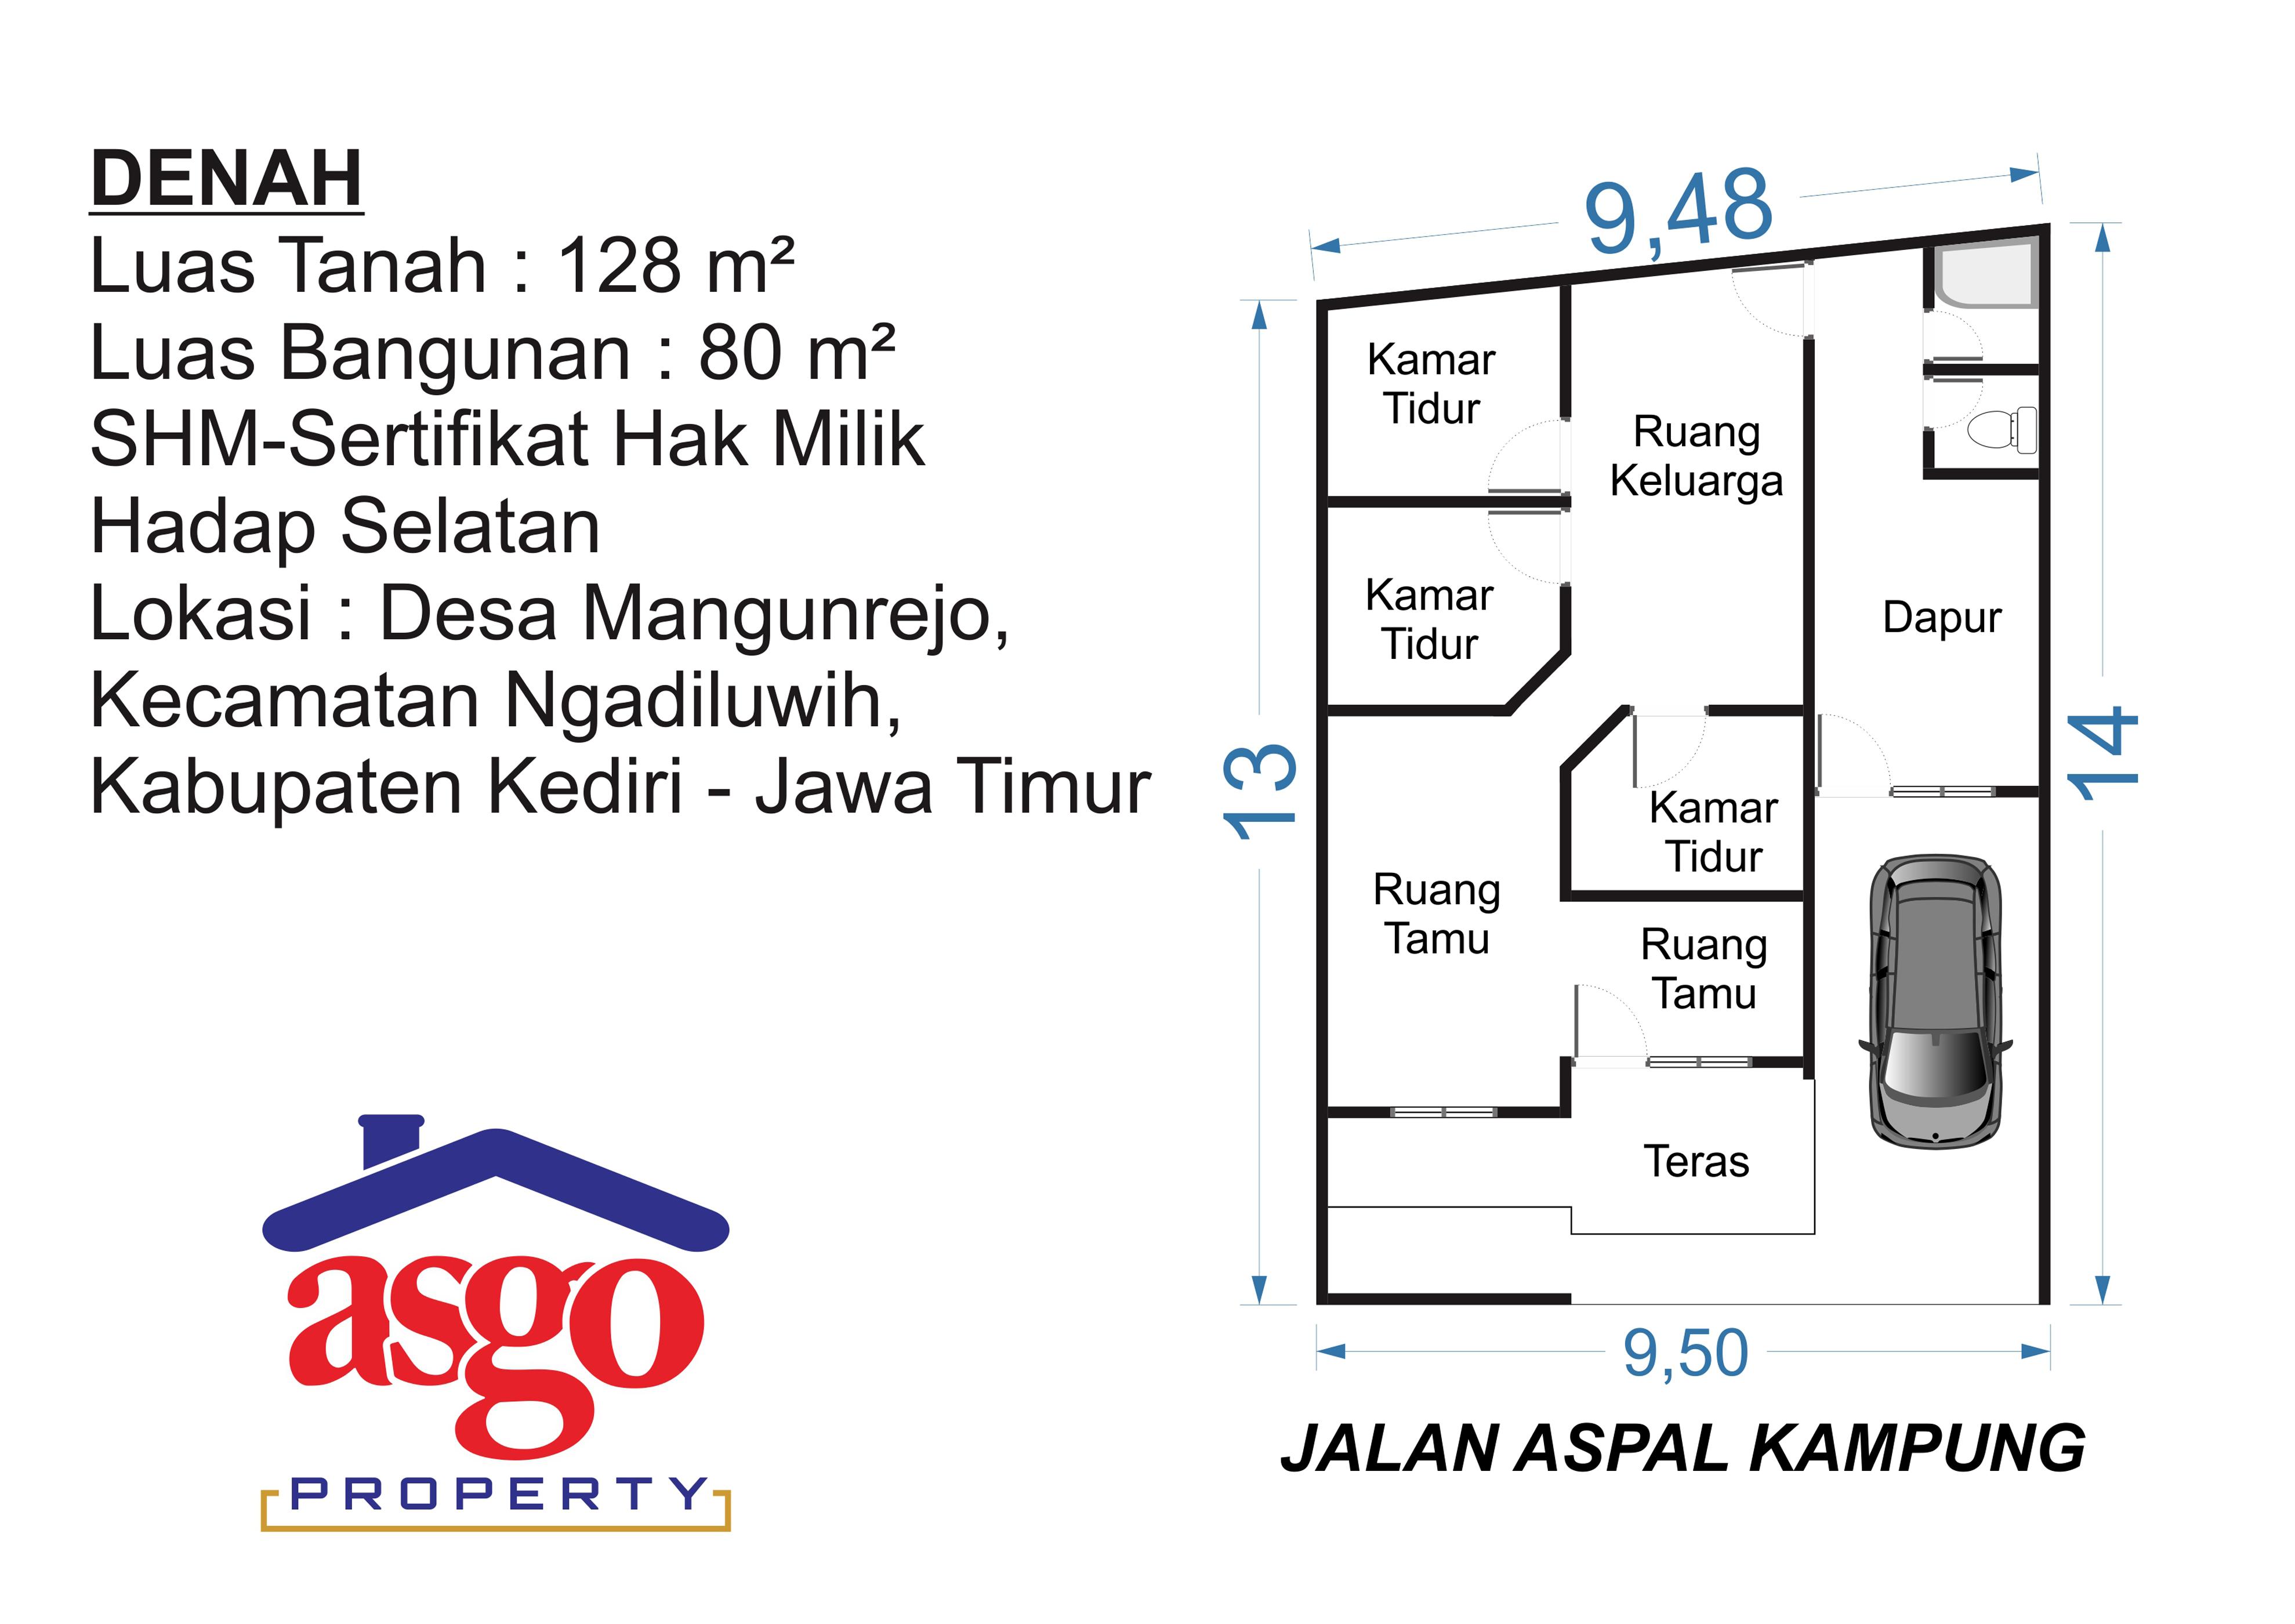 Rumah Dijual 128 M2 Mangunrejo Ngadiluwih Kabupaten Kediri Asgo Layout